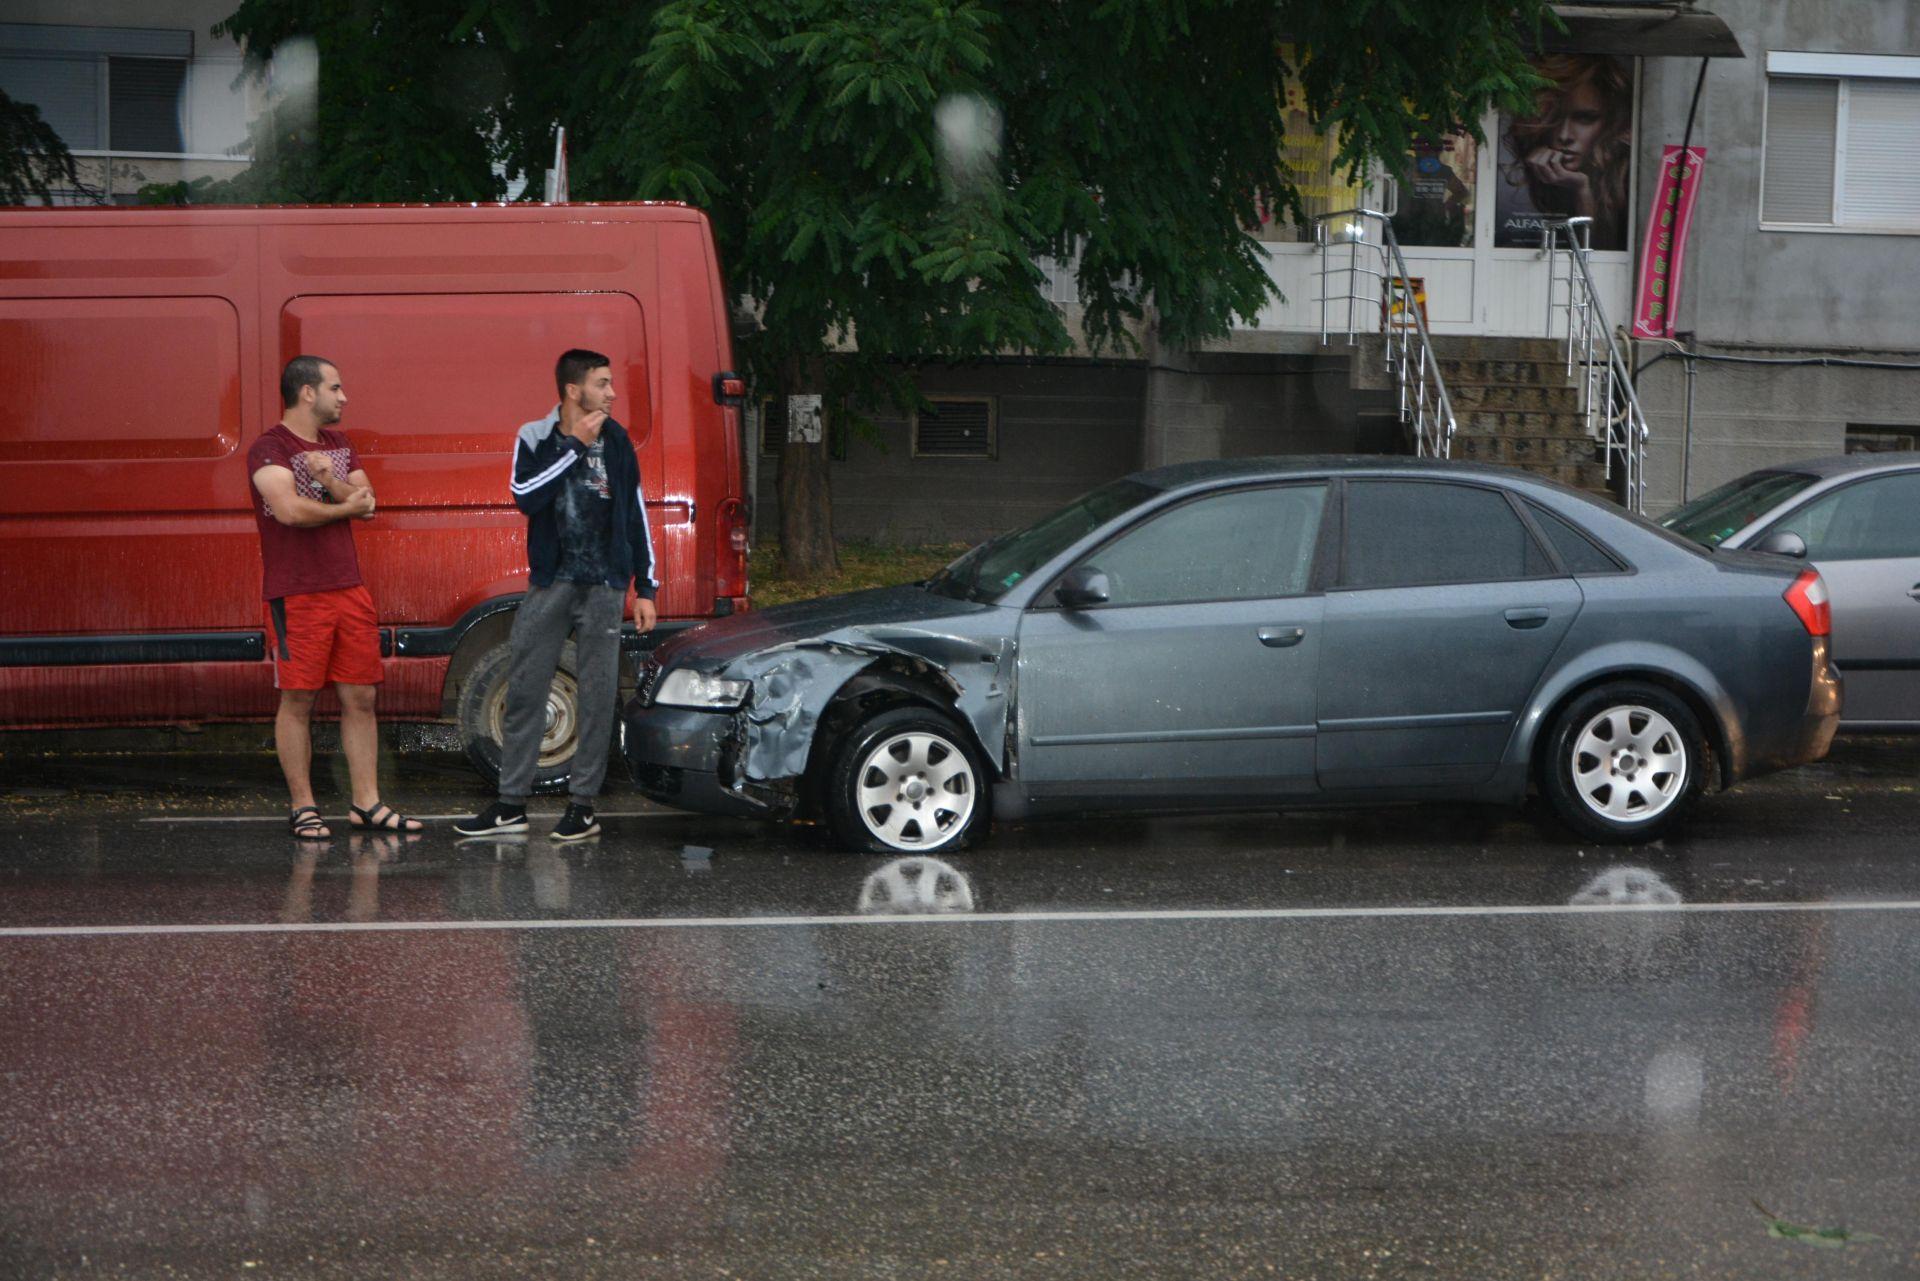 Сблъсъкът между двете коли е станал в средата на пътното платно